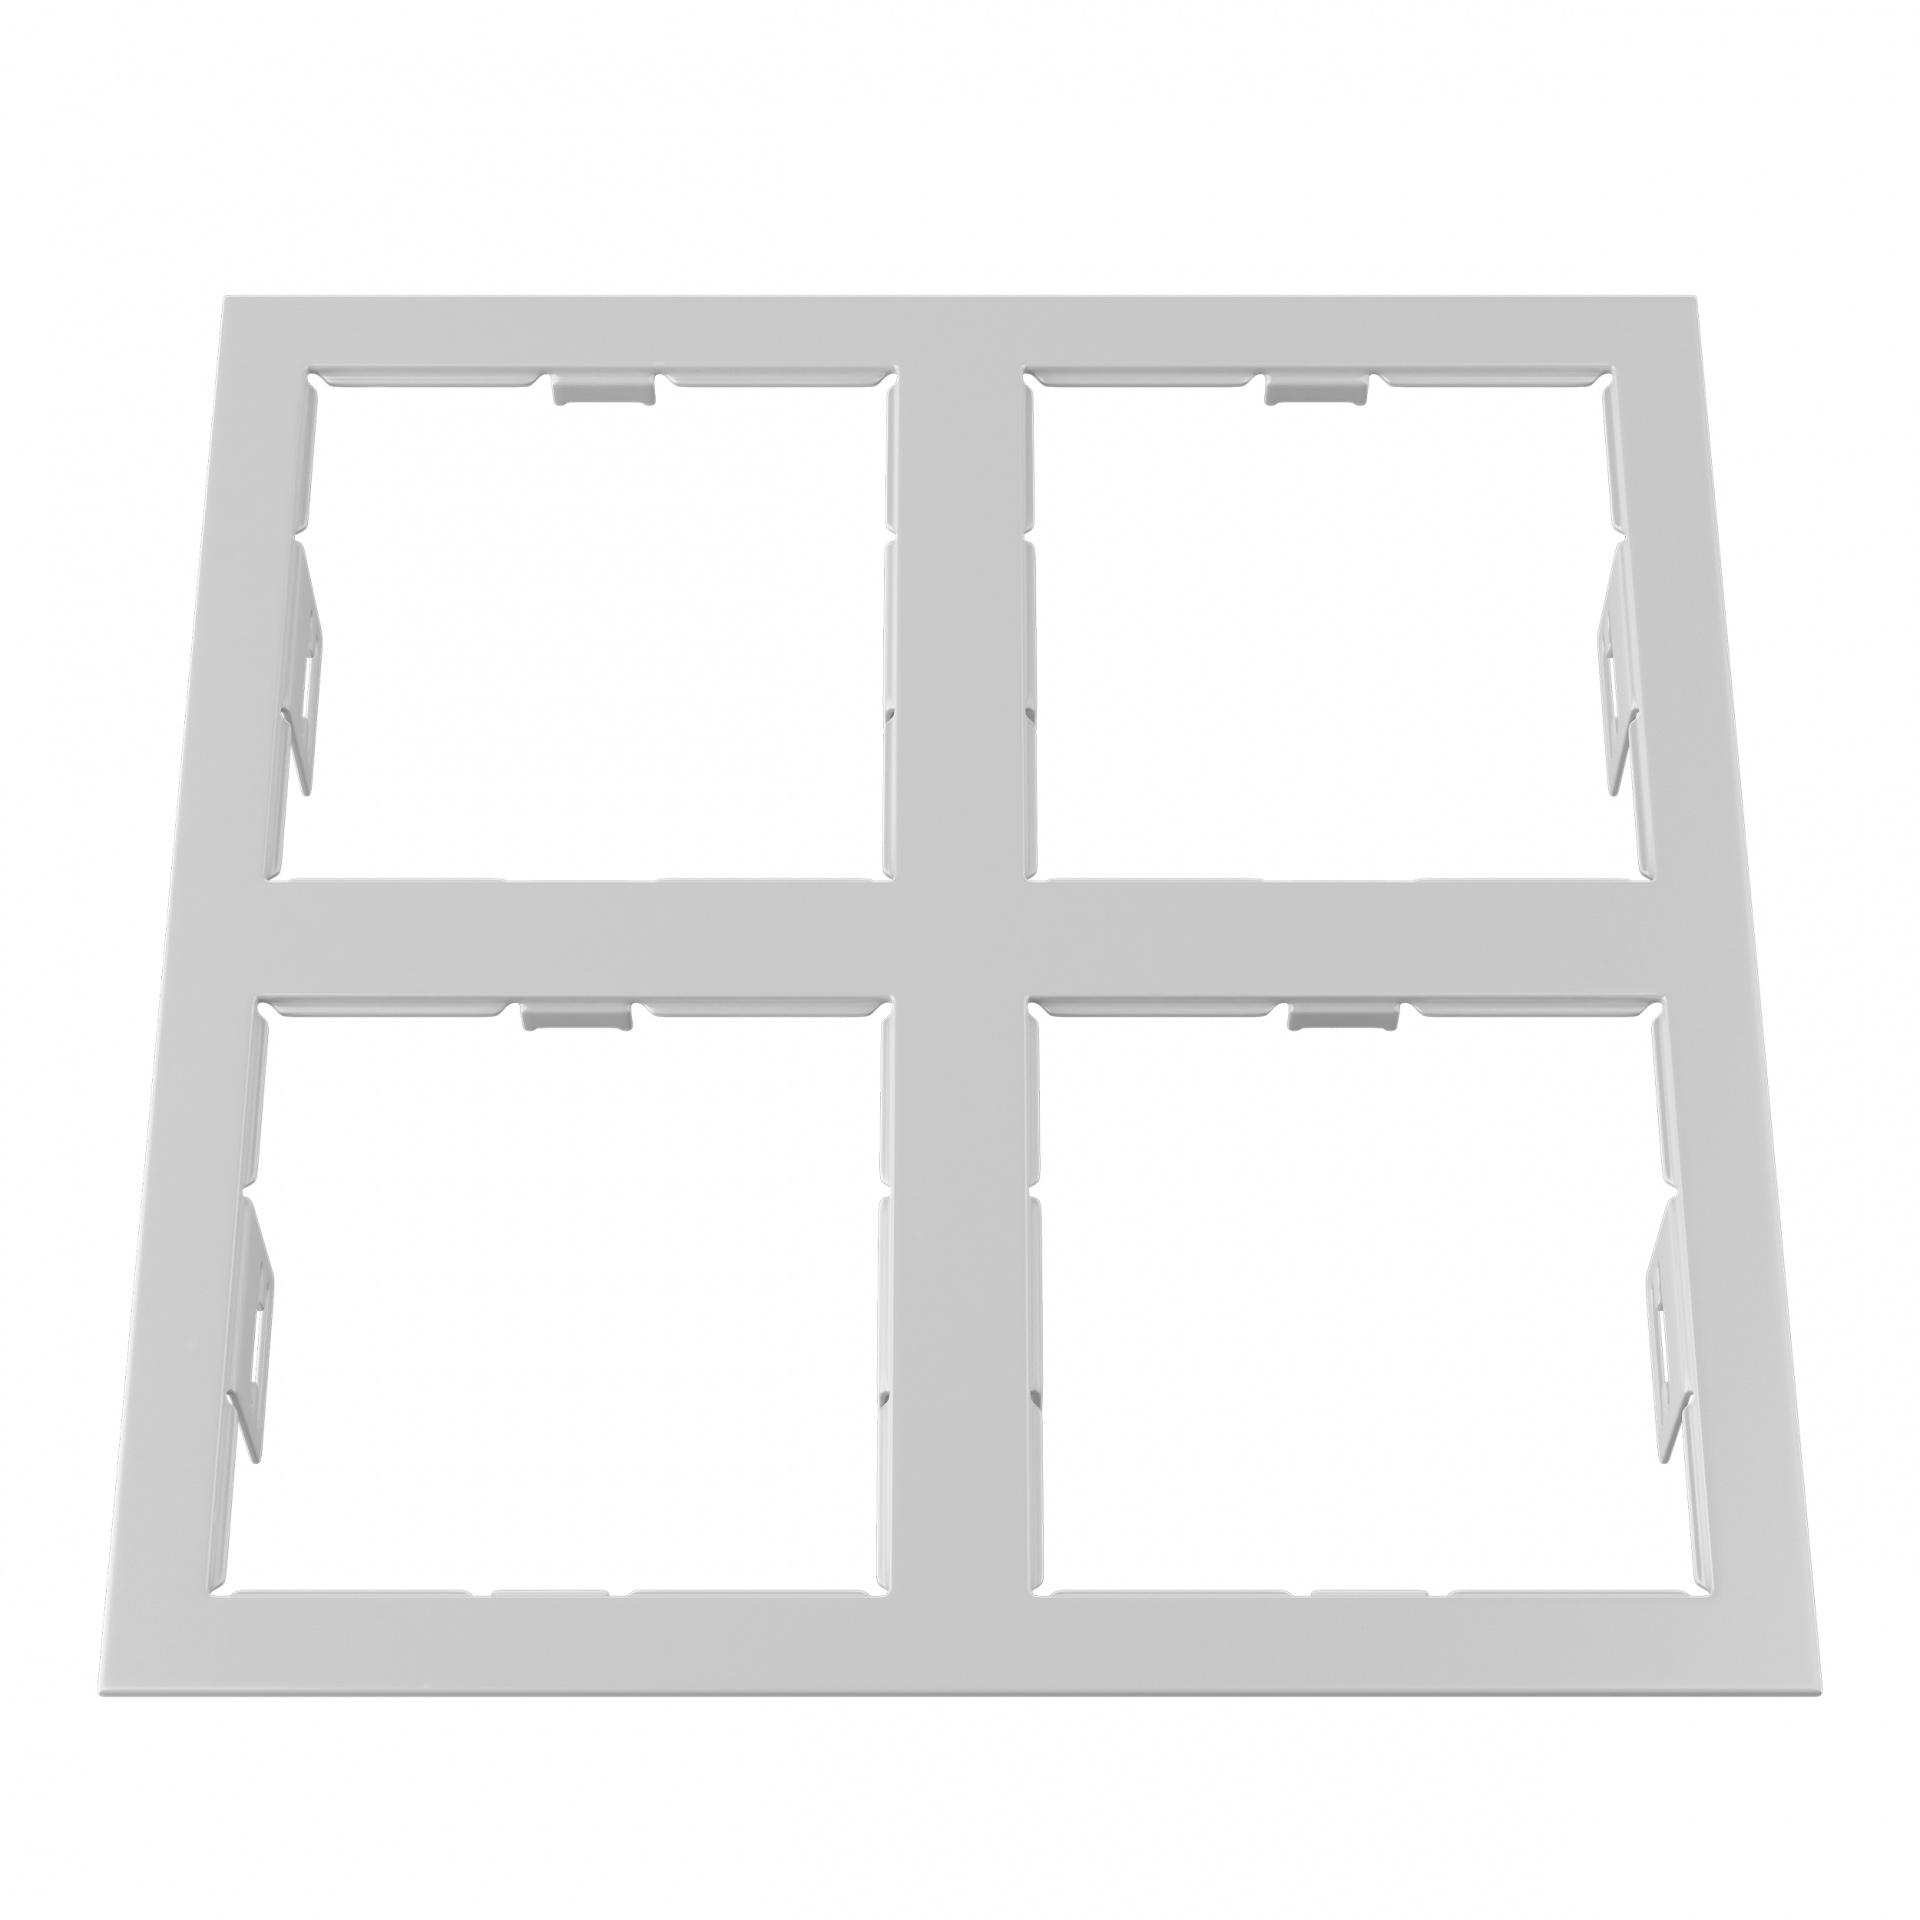 Рамка Domino quadro 2х2 MR16 белый Lightstar 214546, купить в СПб, Москве, с доставкой, Санкт-Петербург, интернет-магазин люстр и светильников Starlight, фото в жизни